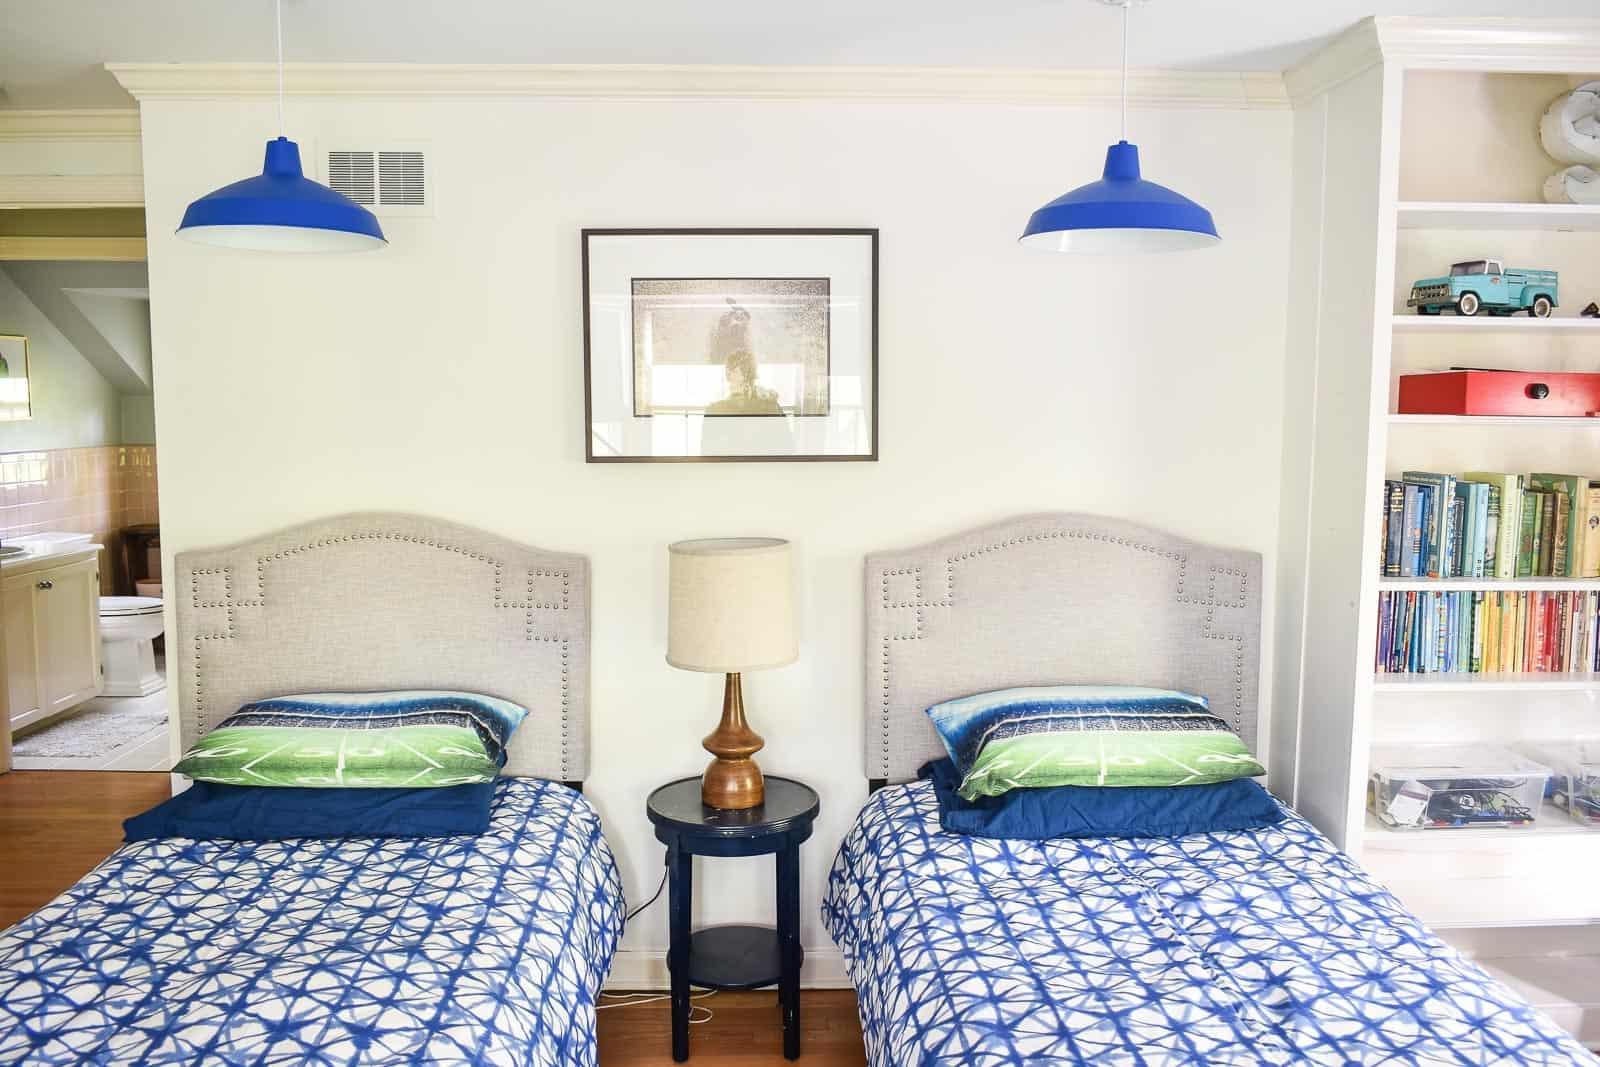 Blue Magic Pendant Light for Bedroom